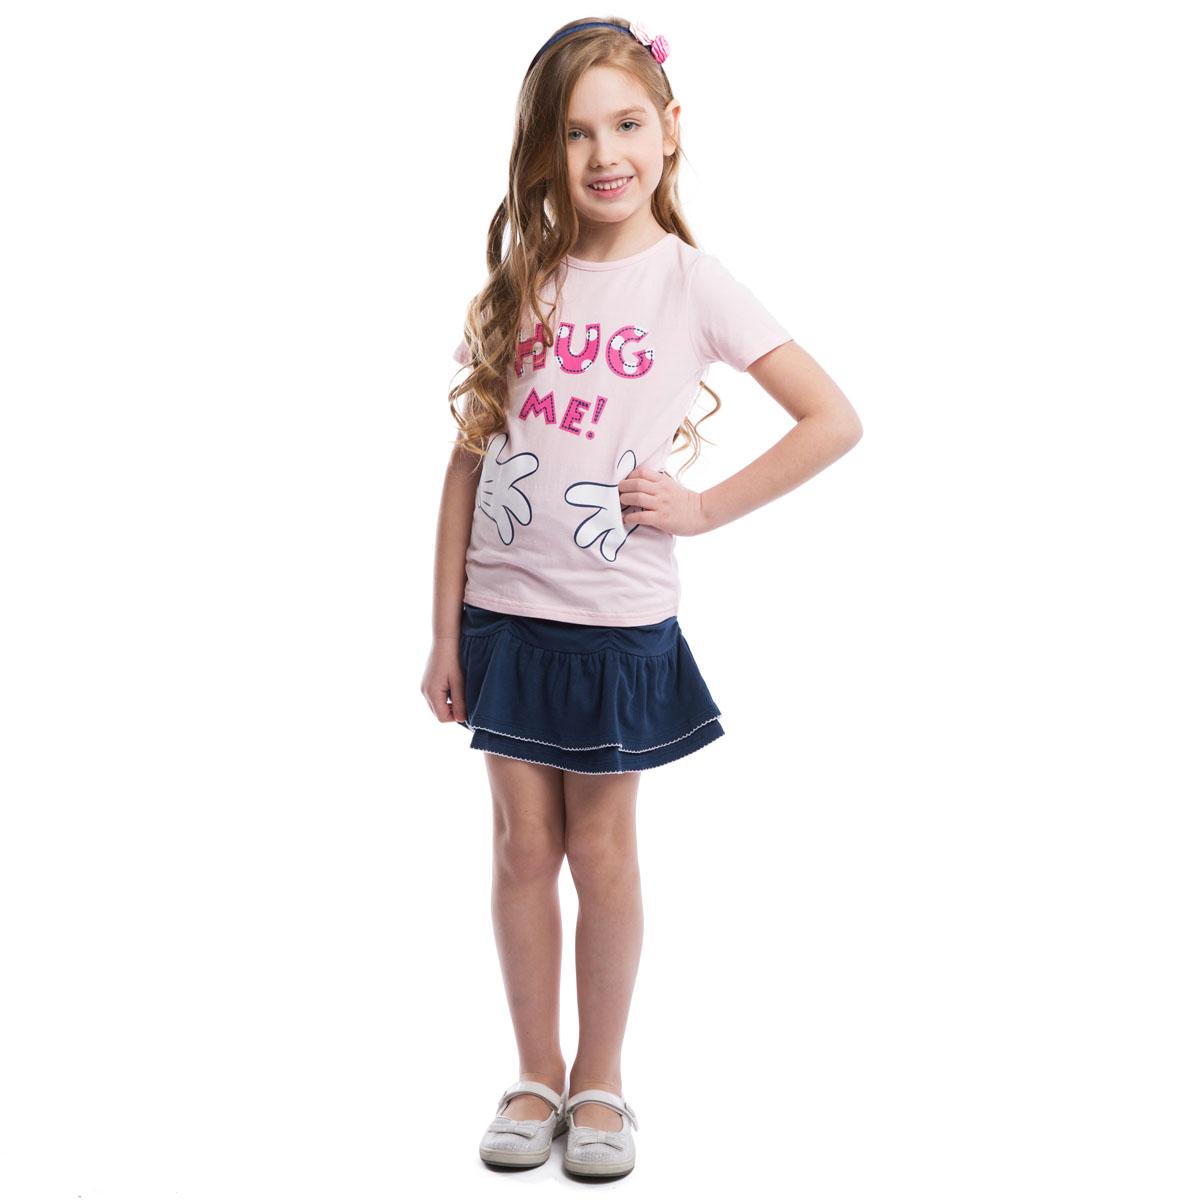 Футболка для девочки Disney. 962001962001Футболка для девочки PlayToday Disney идеально подойдет вашей маленькой моднице и станет отличным дополнением к ее гардеробу. Изготовленная из эластичного хлопка, она мягкая и приятная на ощупь, не сковывает движения ребенка и позволяет коже дышать, обеспечивая наибольший комфорт. Футболка с круглым вырезом горловины и короткими рукавами. Модель оформлена забавным принтом с изображением Минни-маус спереди и сзади. В такой футболке ваша маленькая принцесса будет чувствовать себя комфортно, уютно и всегда будет в центре внимания!